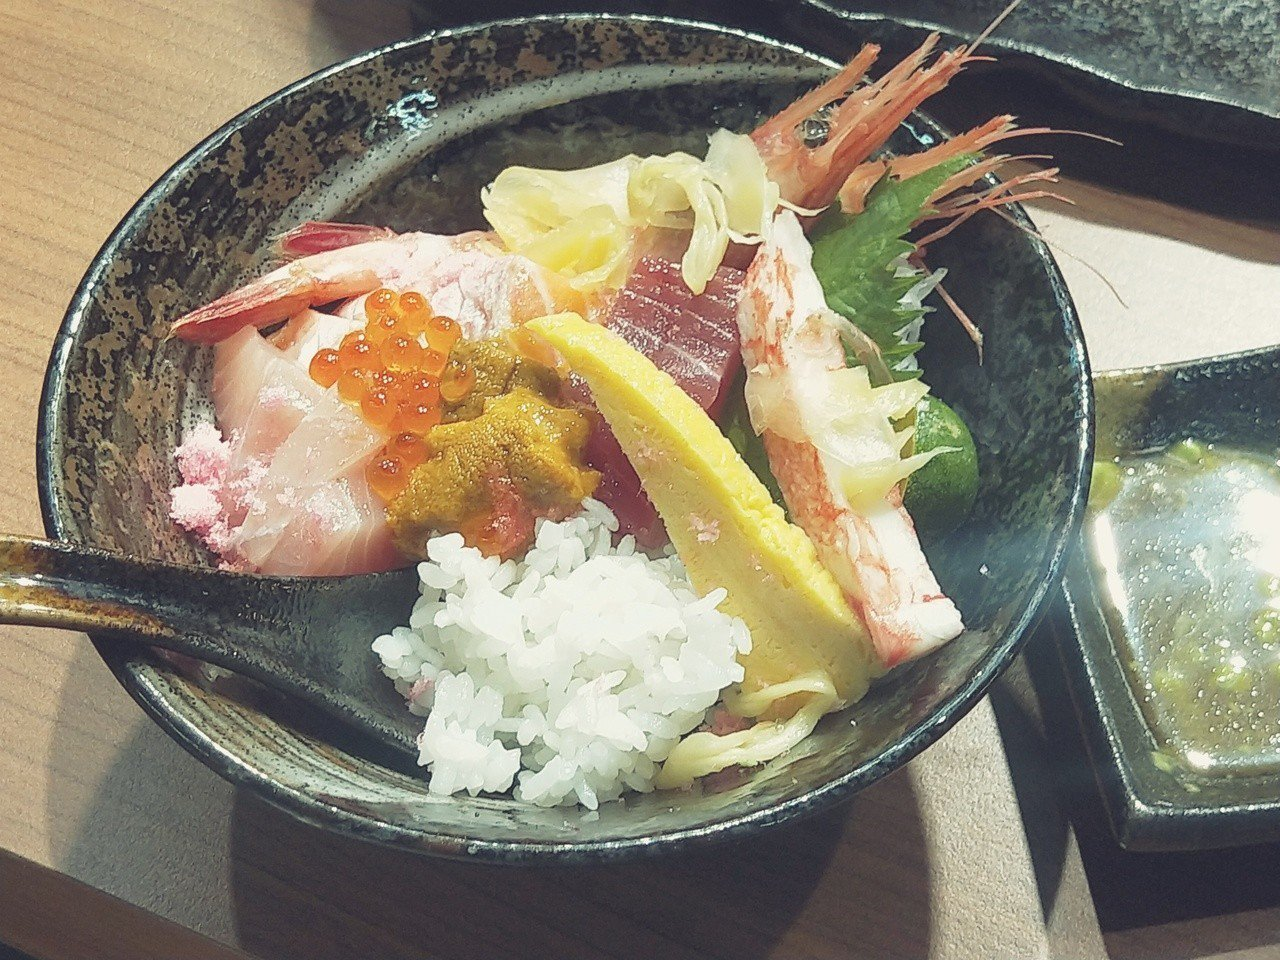 基隆仁愛市場「峰鮨壽司」,雖只有兩坪大,卻是人氣日式料理店,北台灣極富盛名的崁仔...